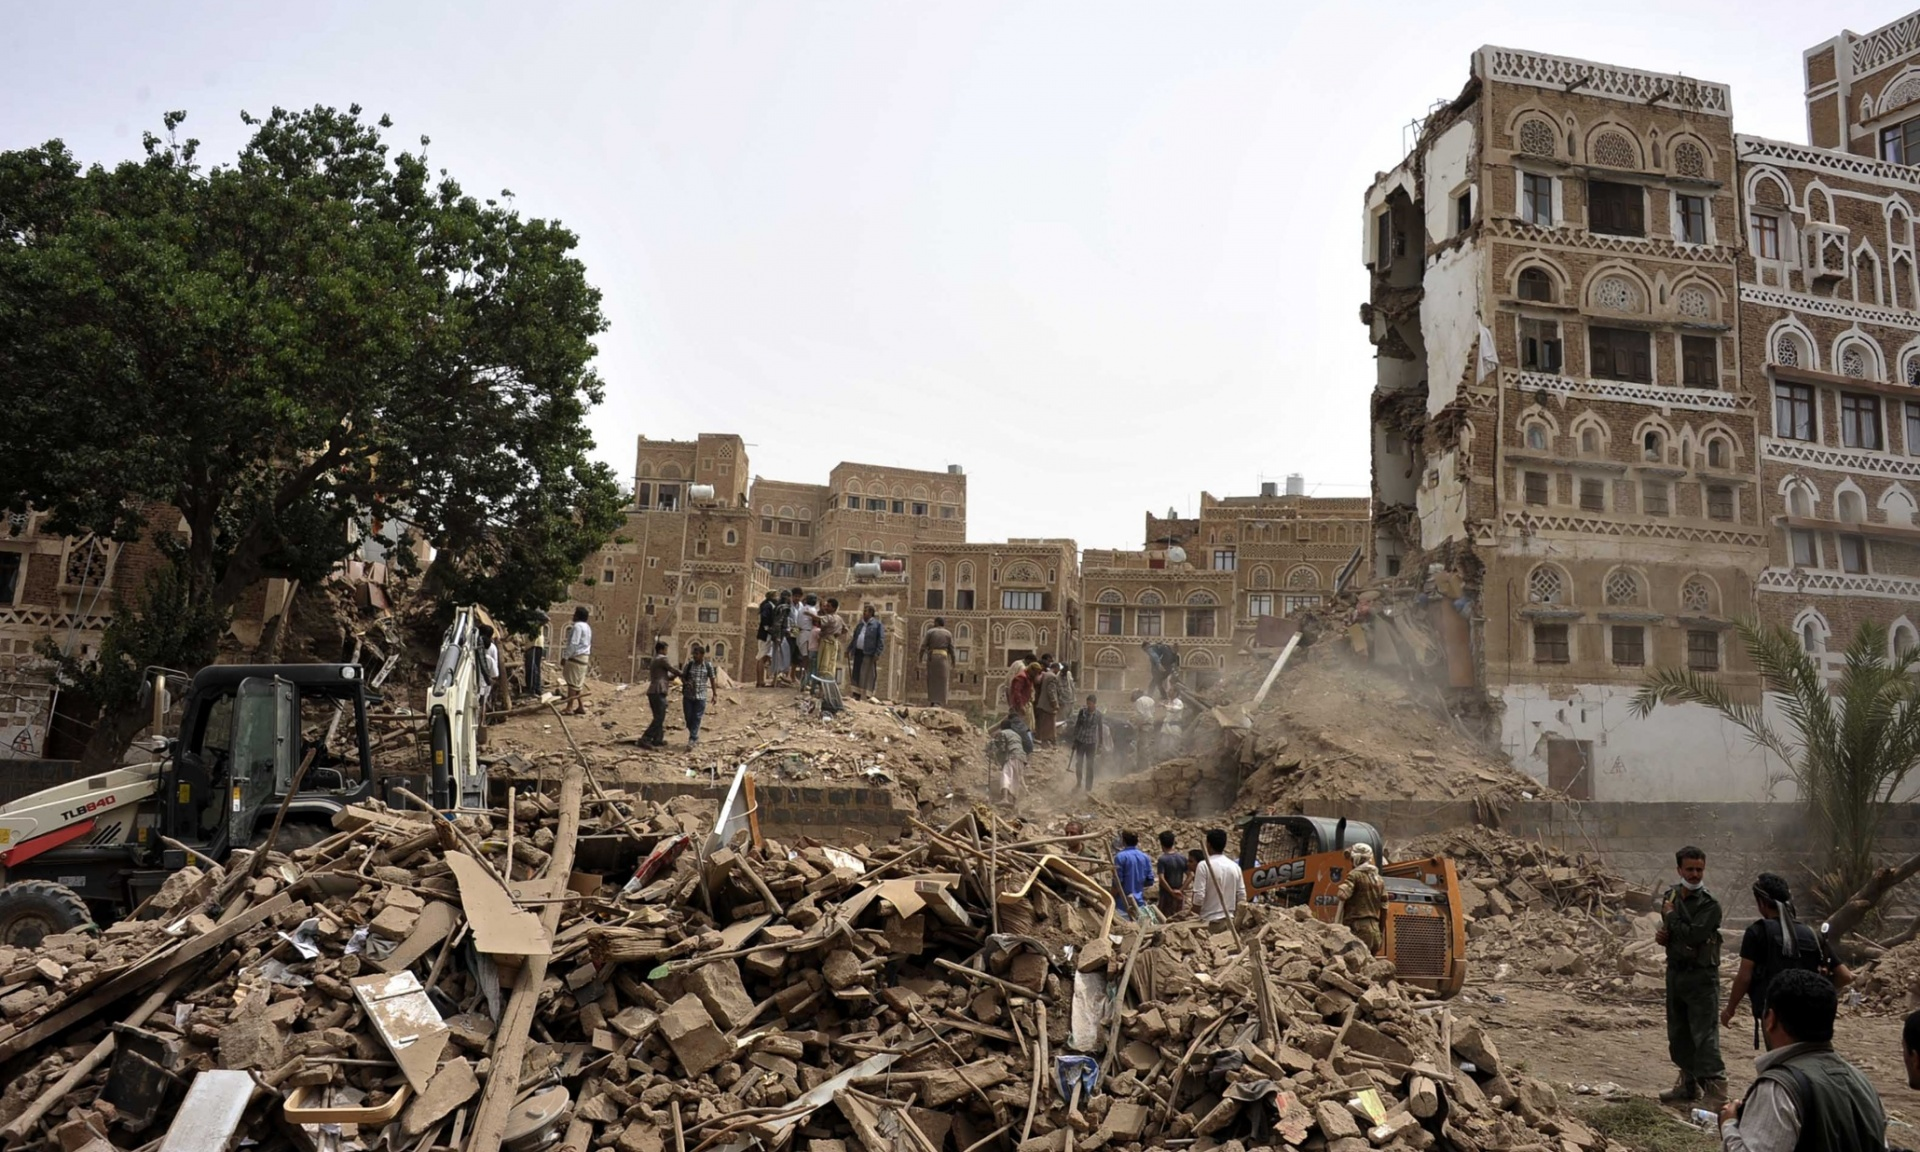 Flere av de eldste husene i Gamlebyen i Sanaa ble angivelig bombet av saudiske styrker denne uken. Gamlebyen som har bygninger som er over 1000 år gamle står på UNESCO sin verdensarvliste og mange er redd for at større deler av gamlebyen nå er i fare. Foto:Xinhua/Rex Shutterstock